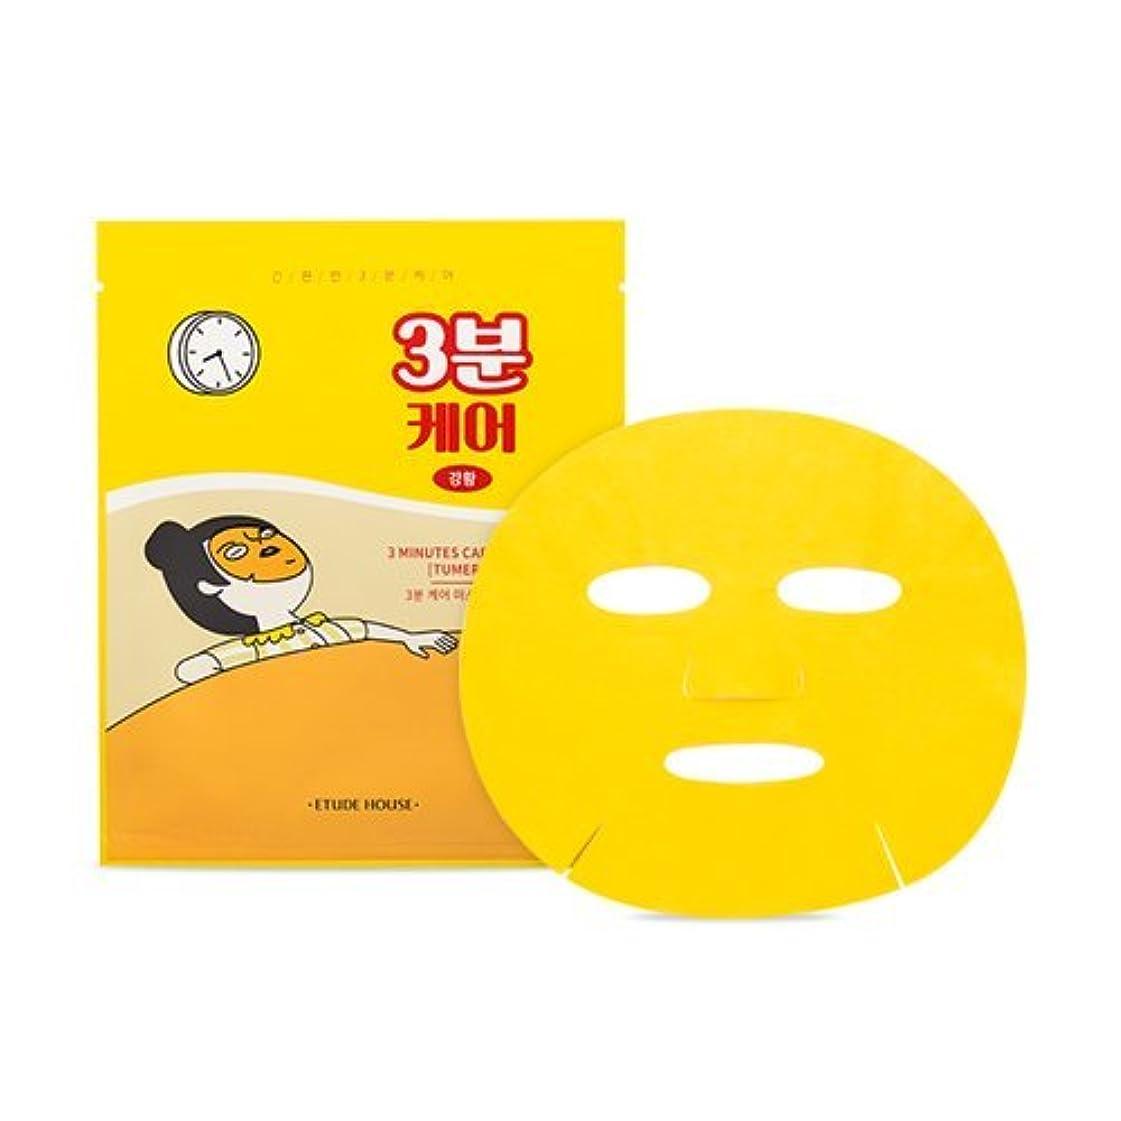 船酔い証言剣エチュードハウス 3分ケア マスク[ ウコン ] 5枚/ETUDE HOUSE 3 Minutes Care Mask [TUMERIC] 23g*5EA